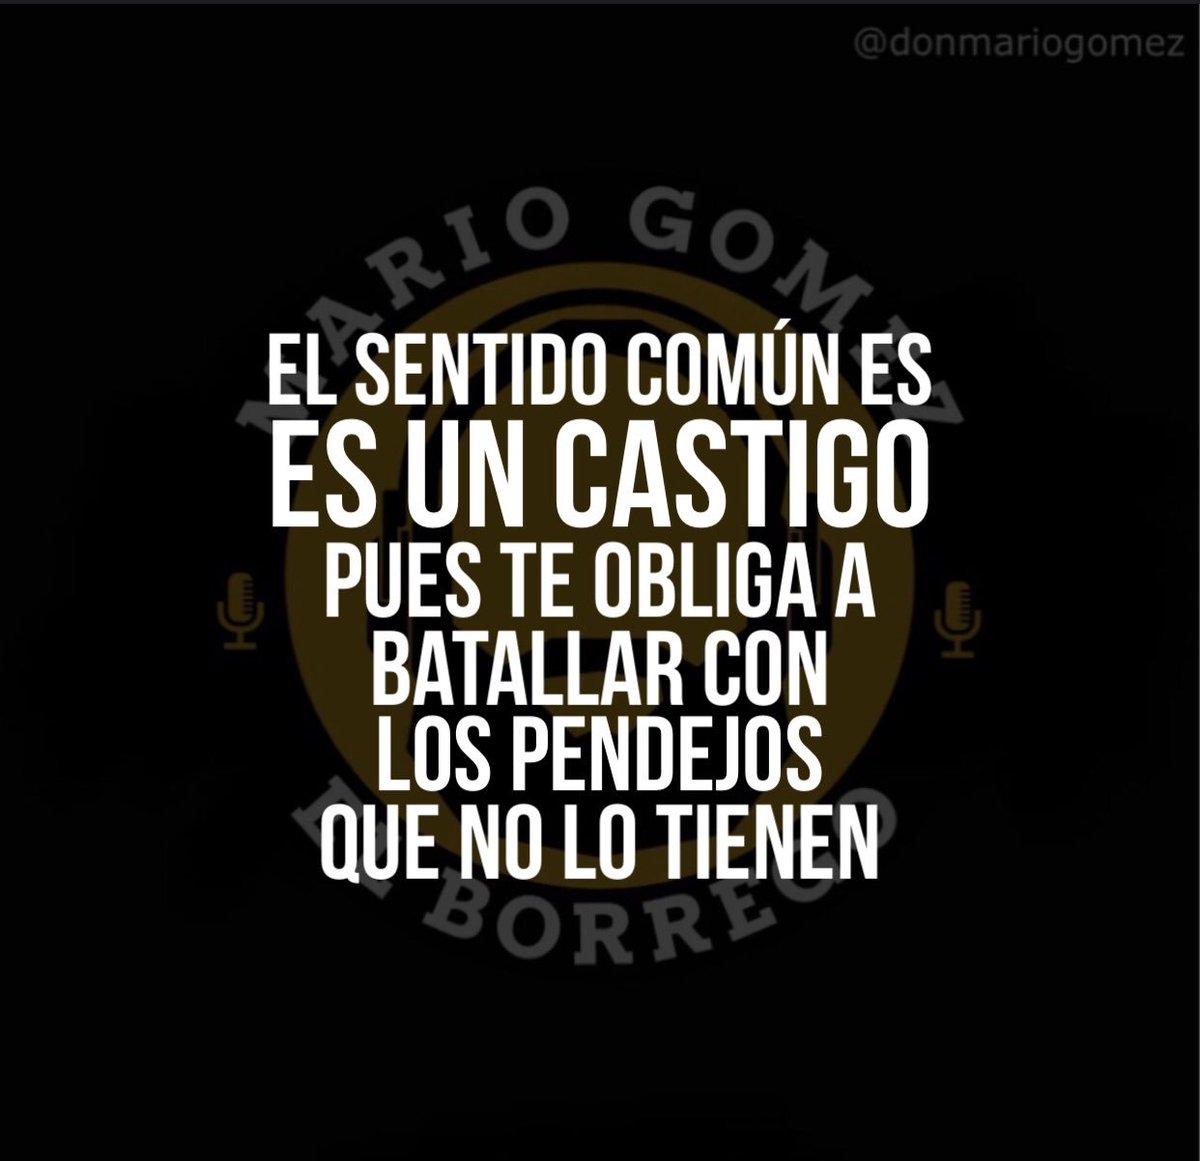 Mario Gomez On Twitter Existe Una Palabra Clave Para Tener